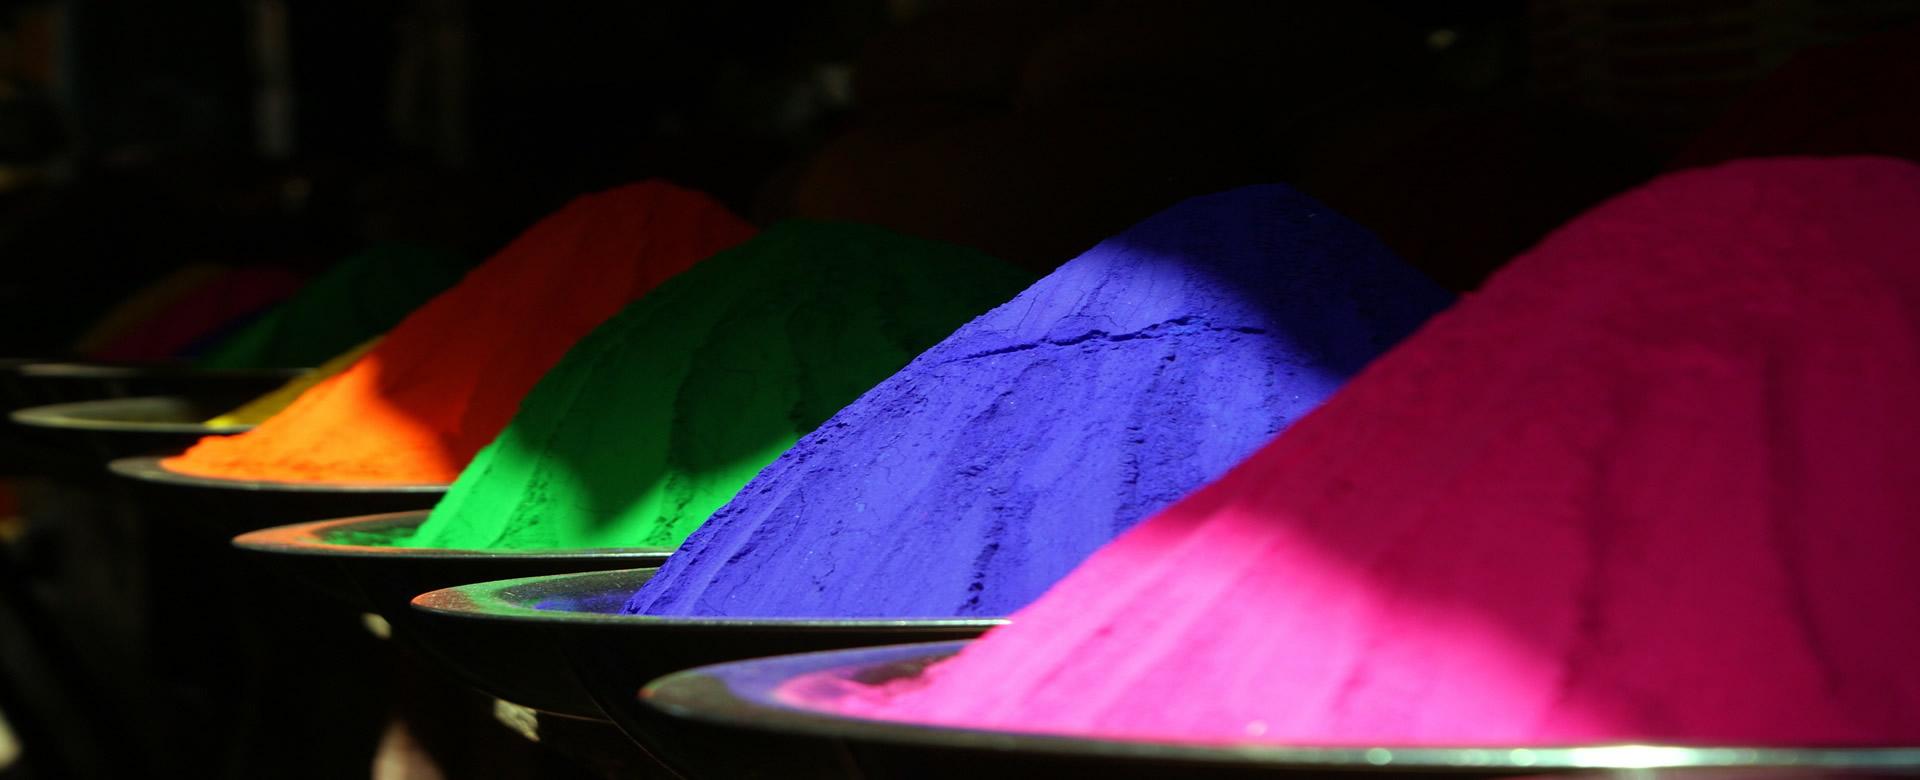 Sinnes-Erfahrungen bringen Farbe ins Leben